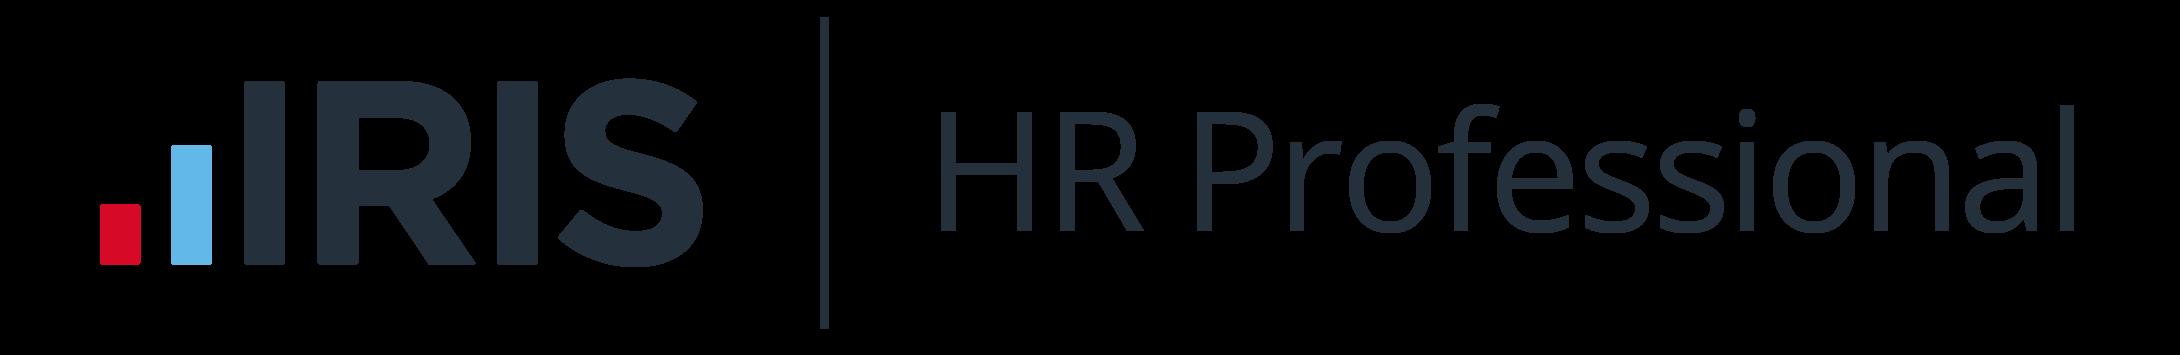 IRIS HR Professional